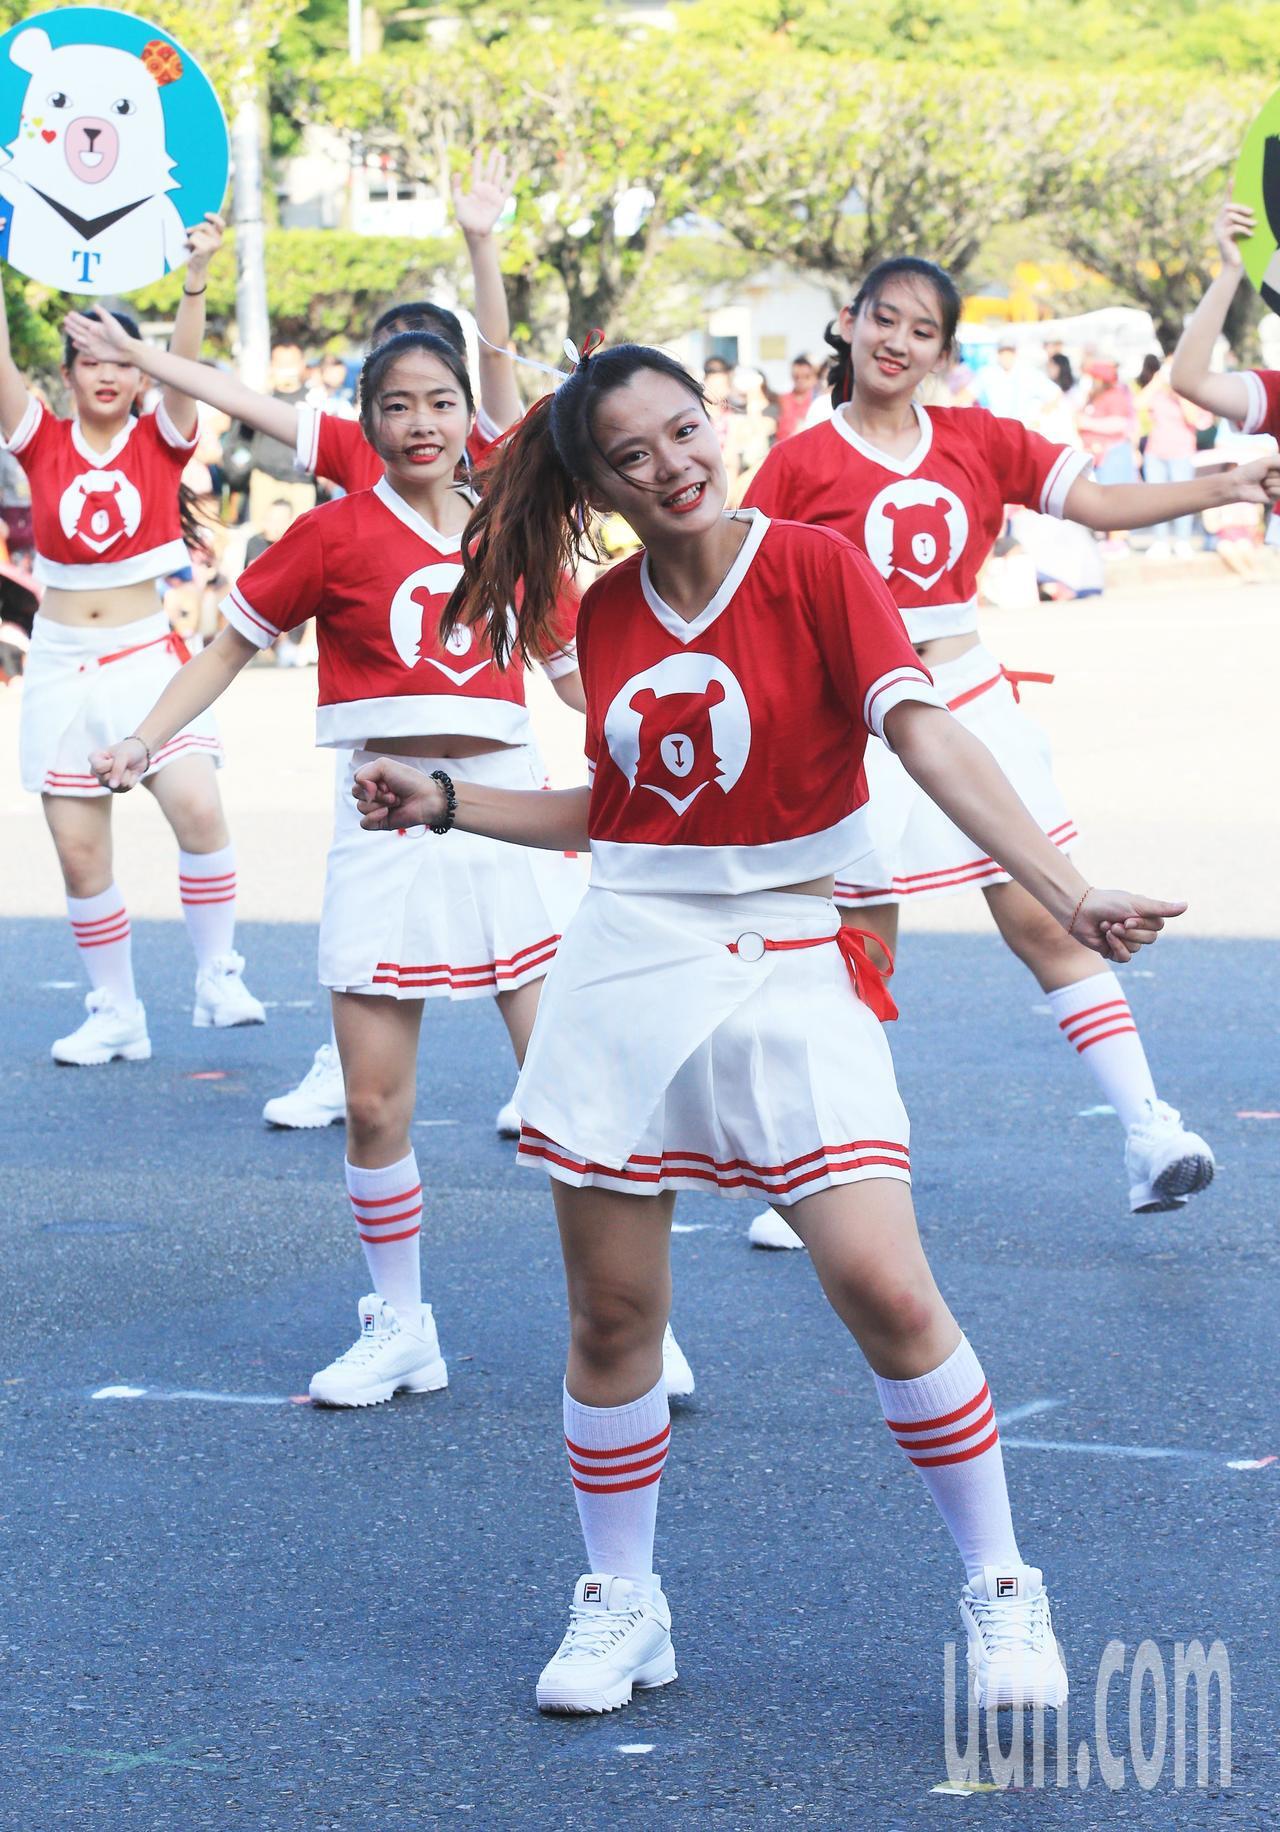 學生們動感活力表演。記者陳正興/台北報導